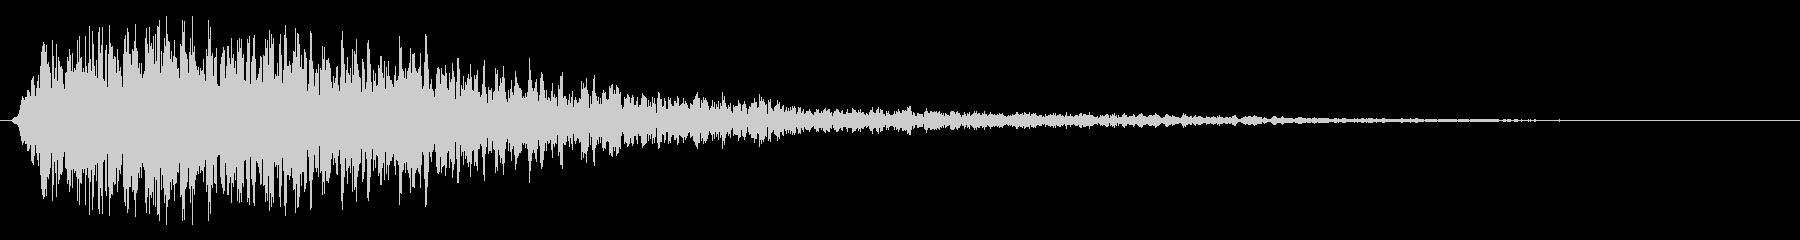 レーザービーム発射(突き抜ける高音)の未再生の波形